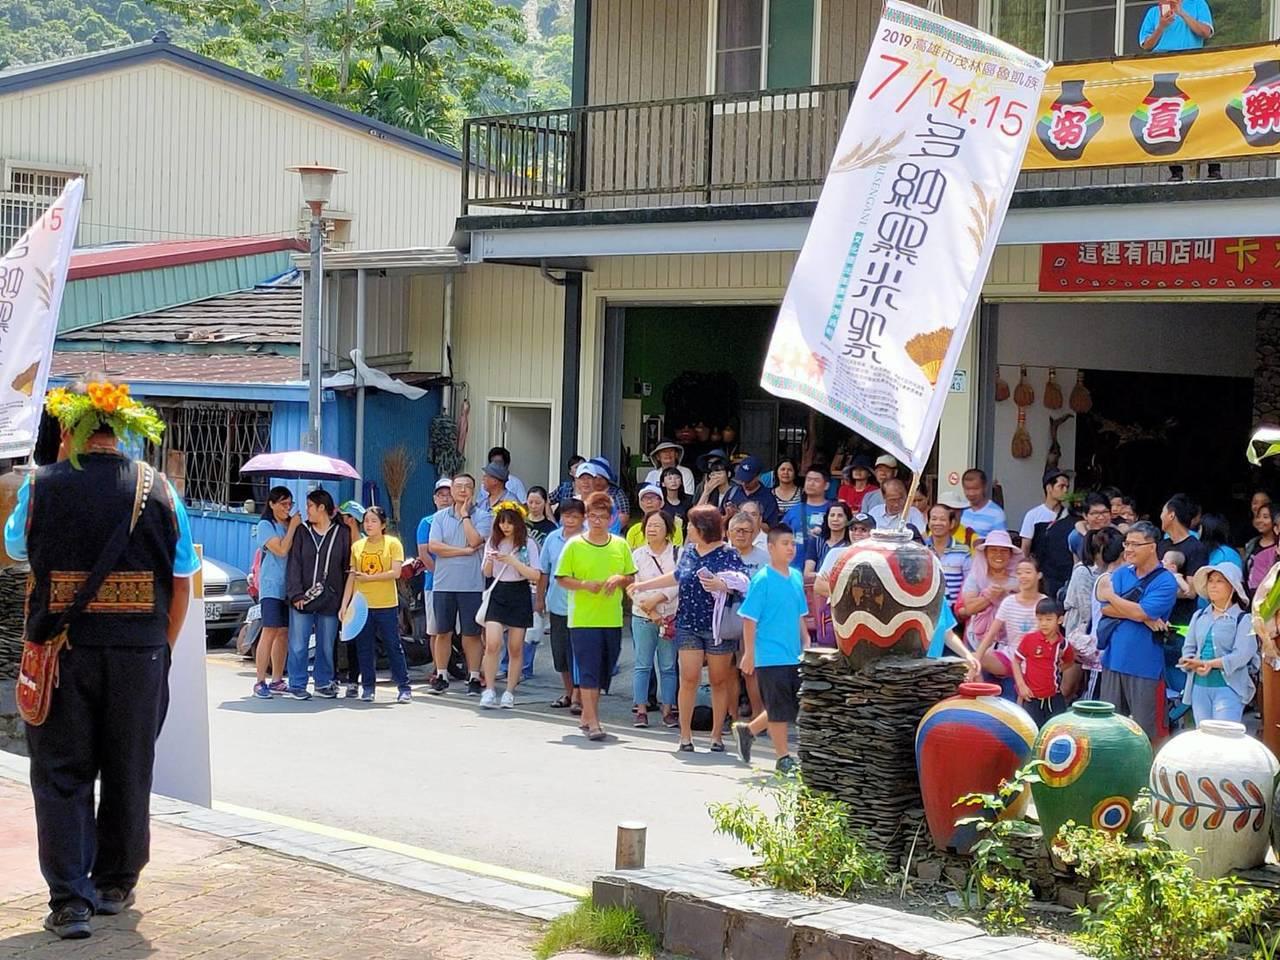 茂林多納部落湧入大量遊客,定點展演吸引遊客駐足觀看。記者徐白櫻/翻攝